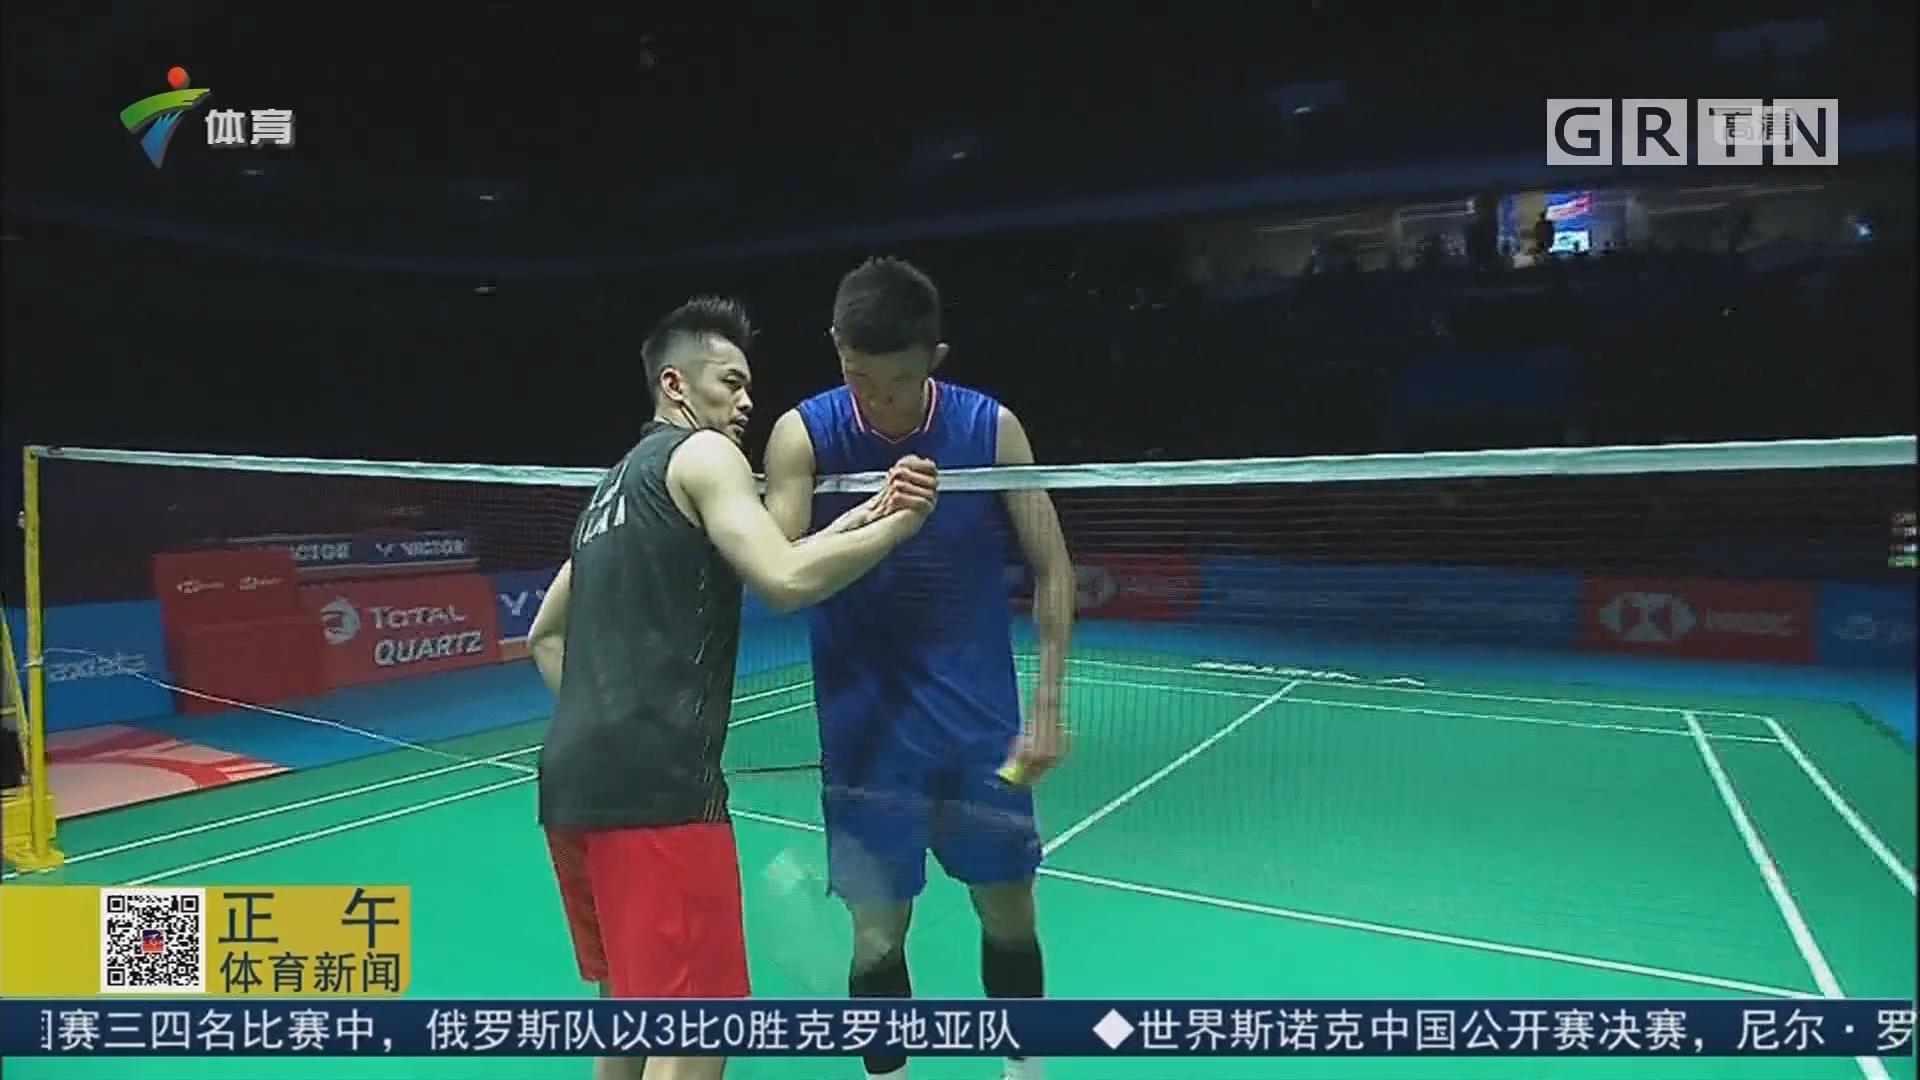 林丹逆转击败谌龙 终结11个月冠军荒